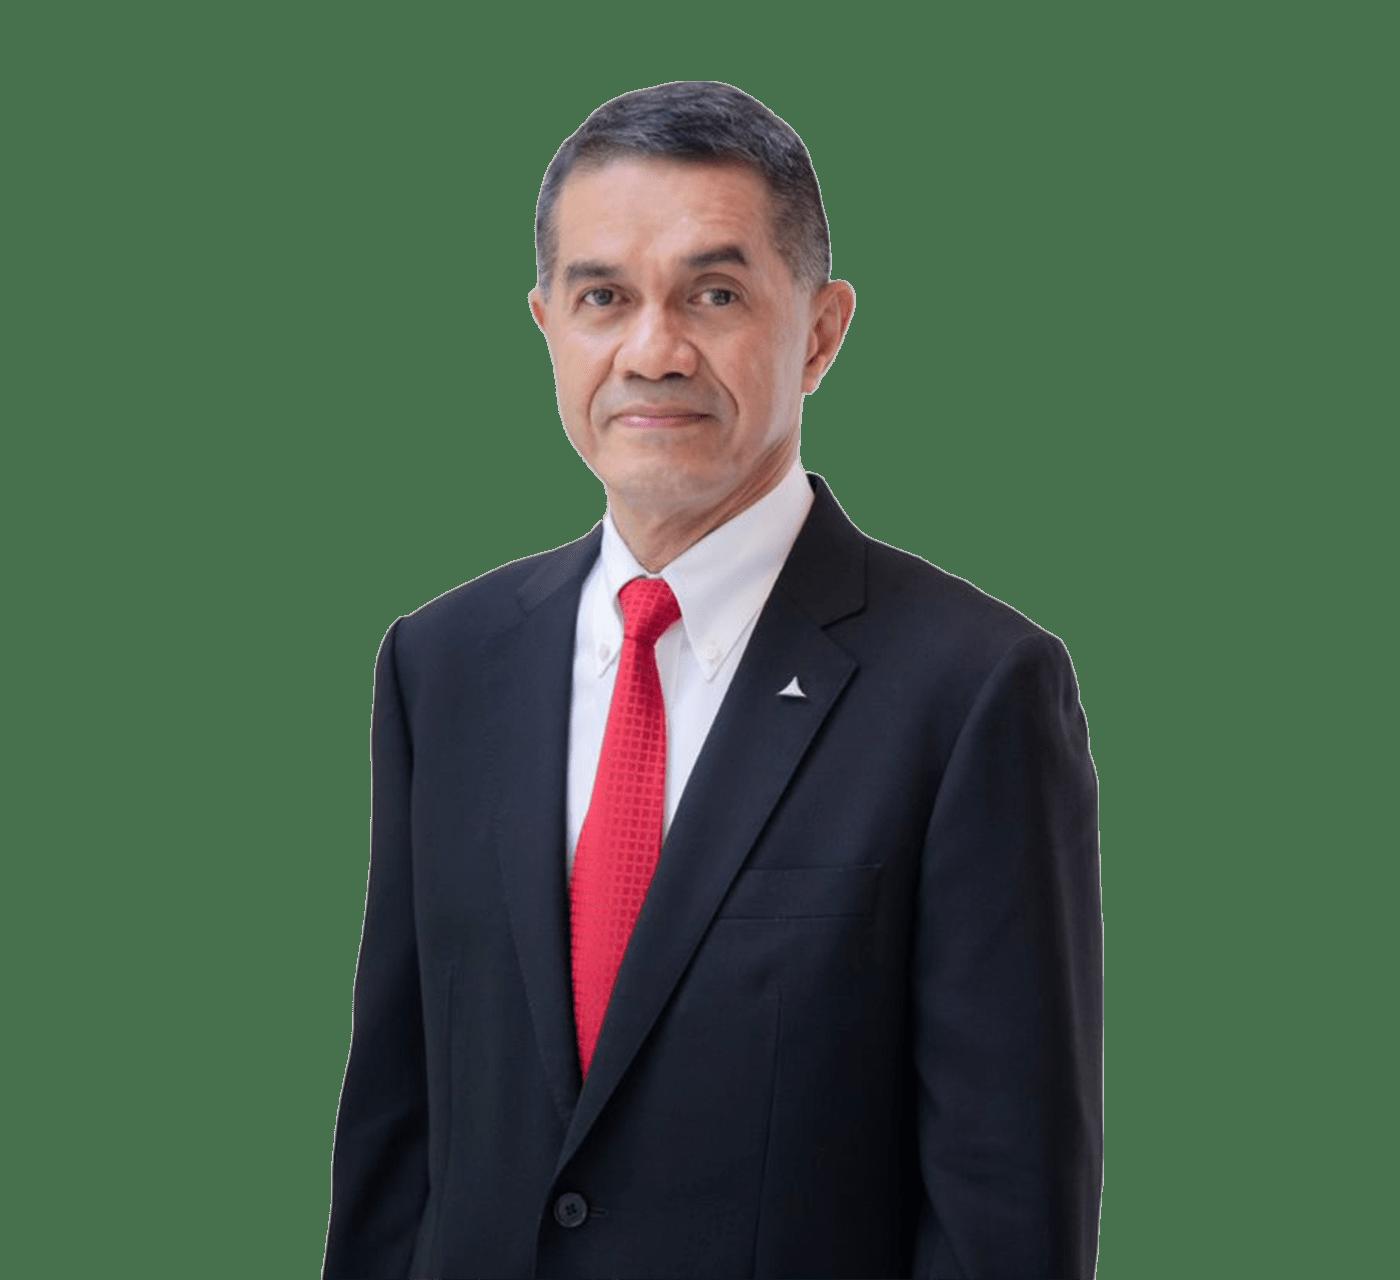 Pol.Gen. Rungroj Sangkram